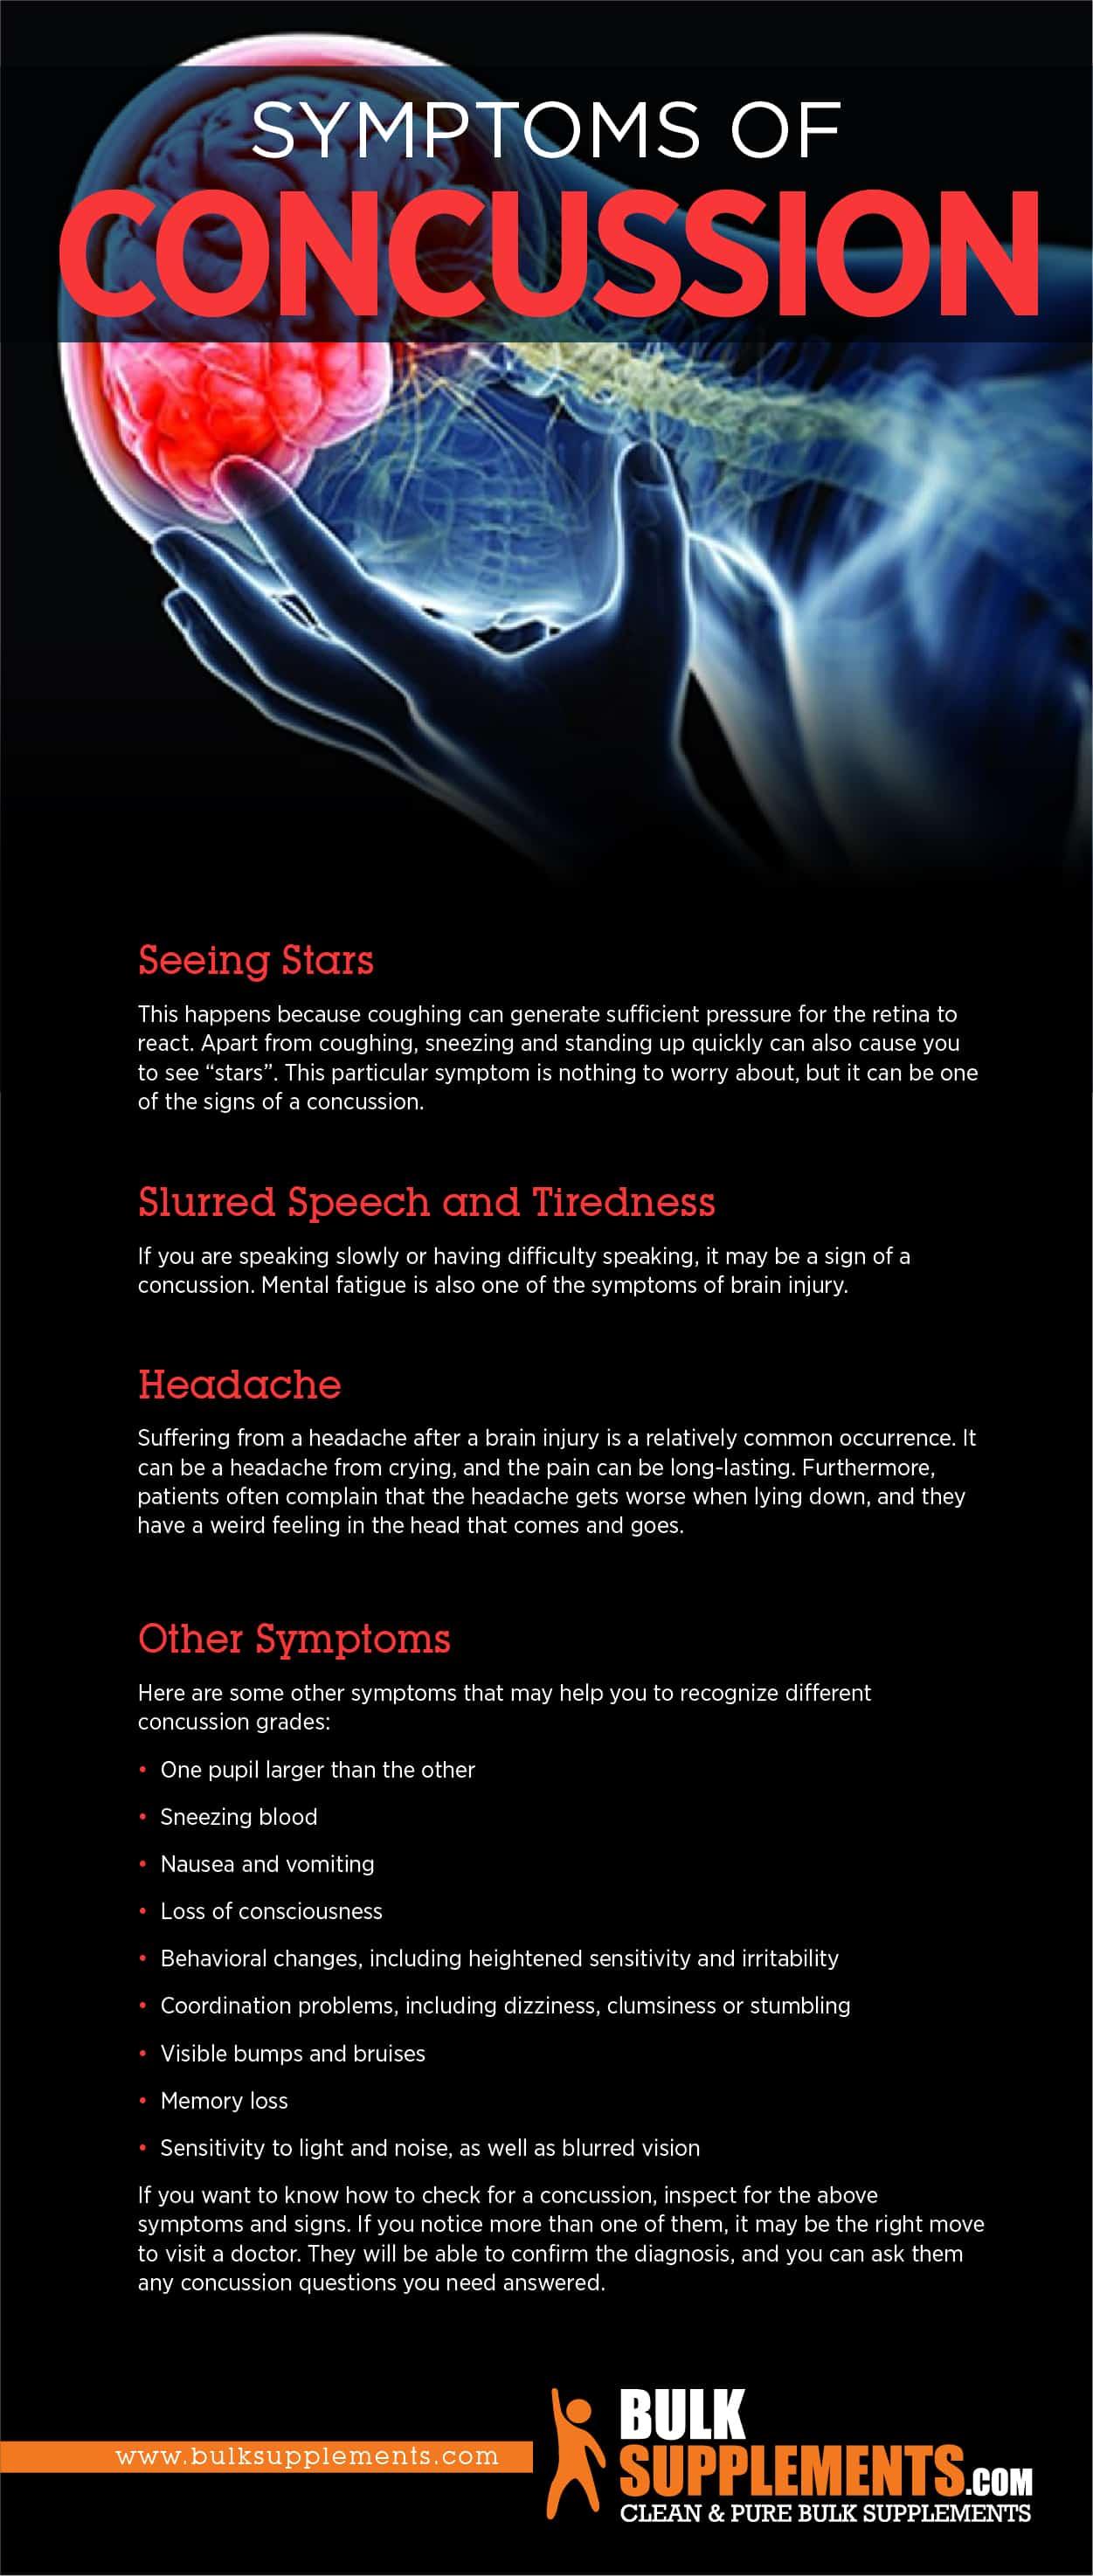 Concussion: Symptoms, Causes & Treatment | BulkSupplements com